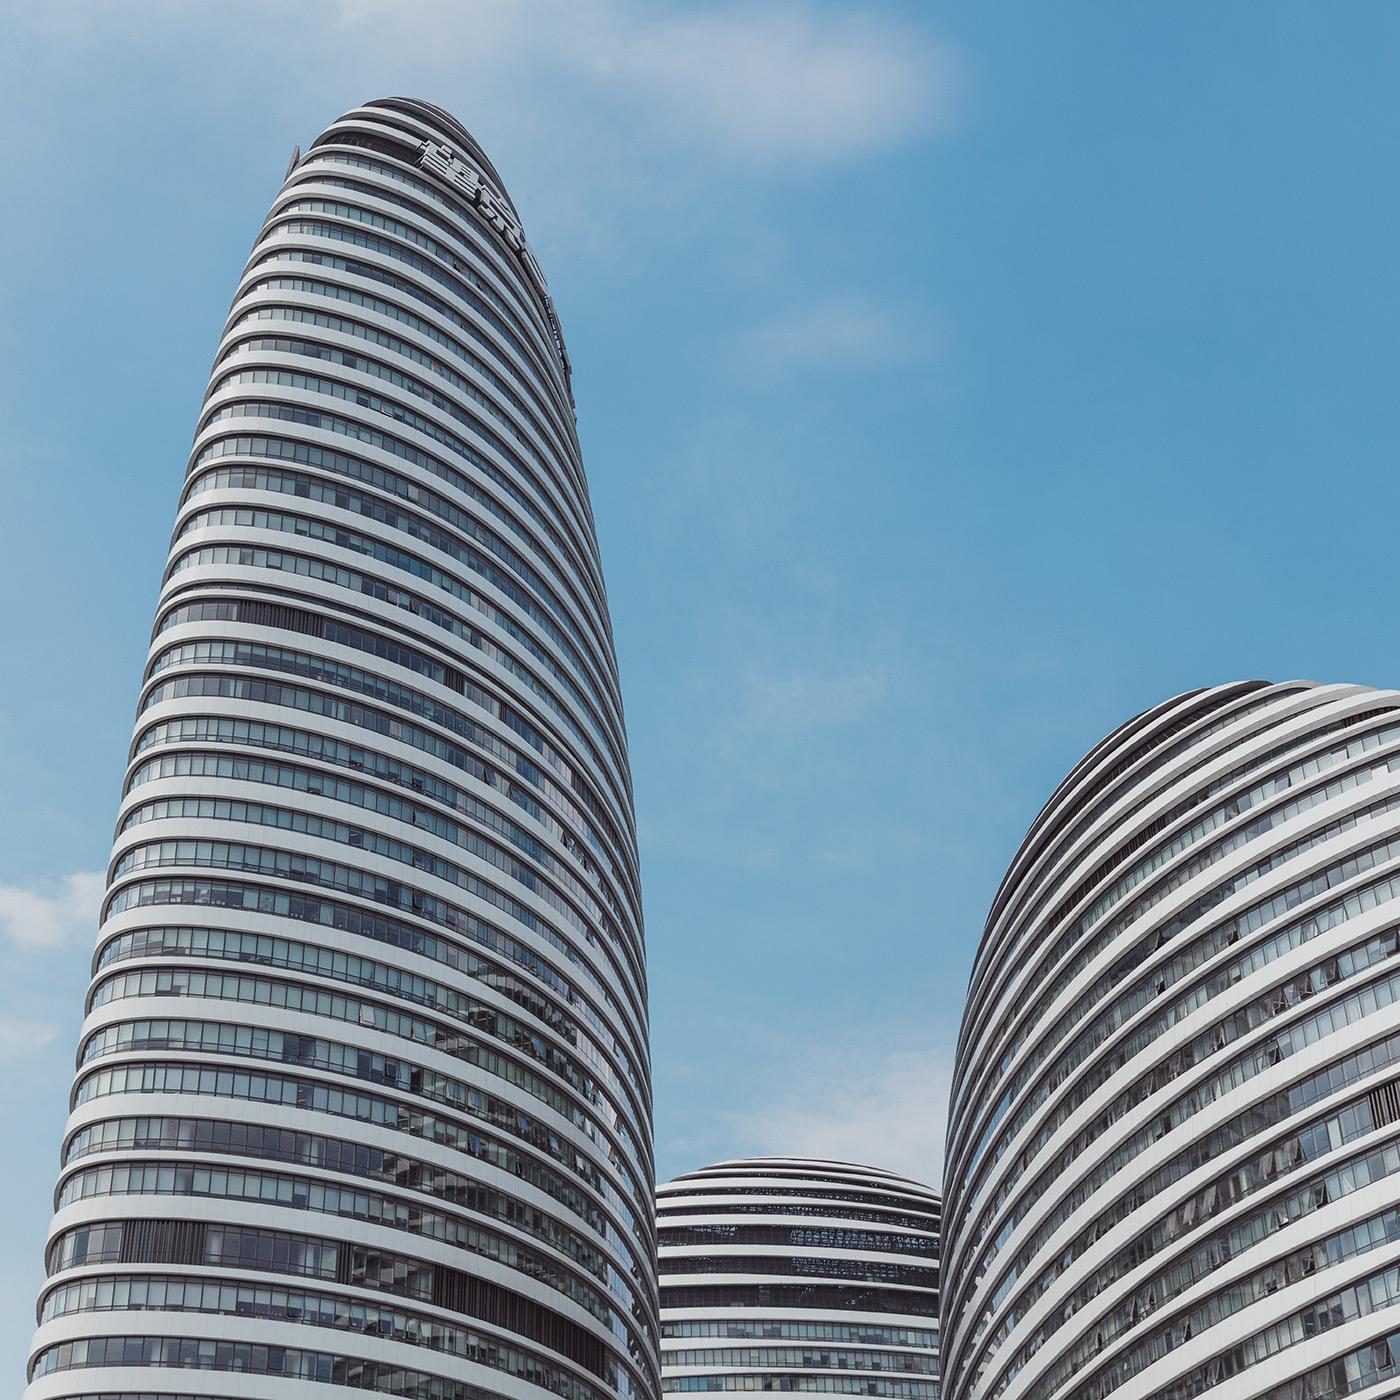 Wangjing SOHO . Location: Beijing, China . Architect: Zaha Hadid Architects